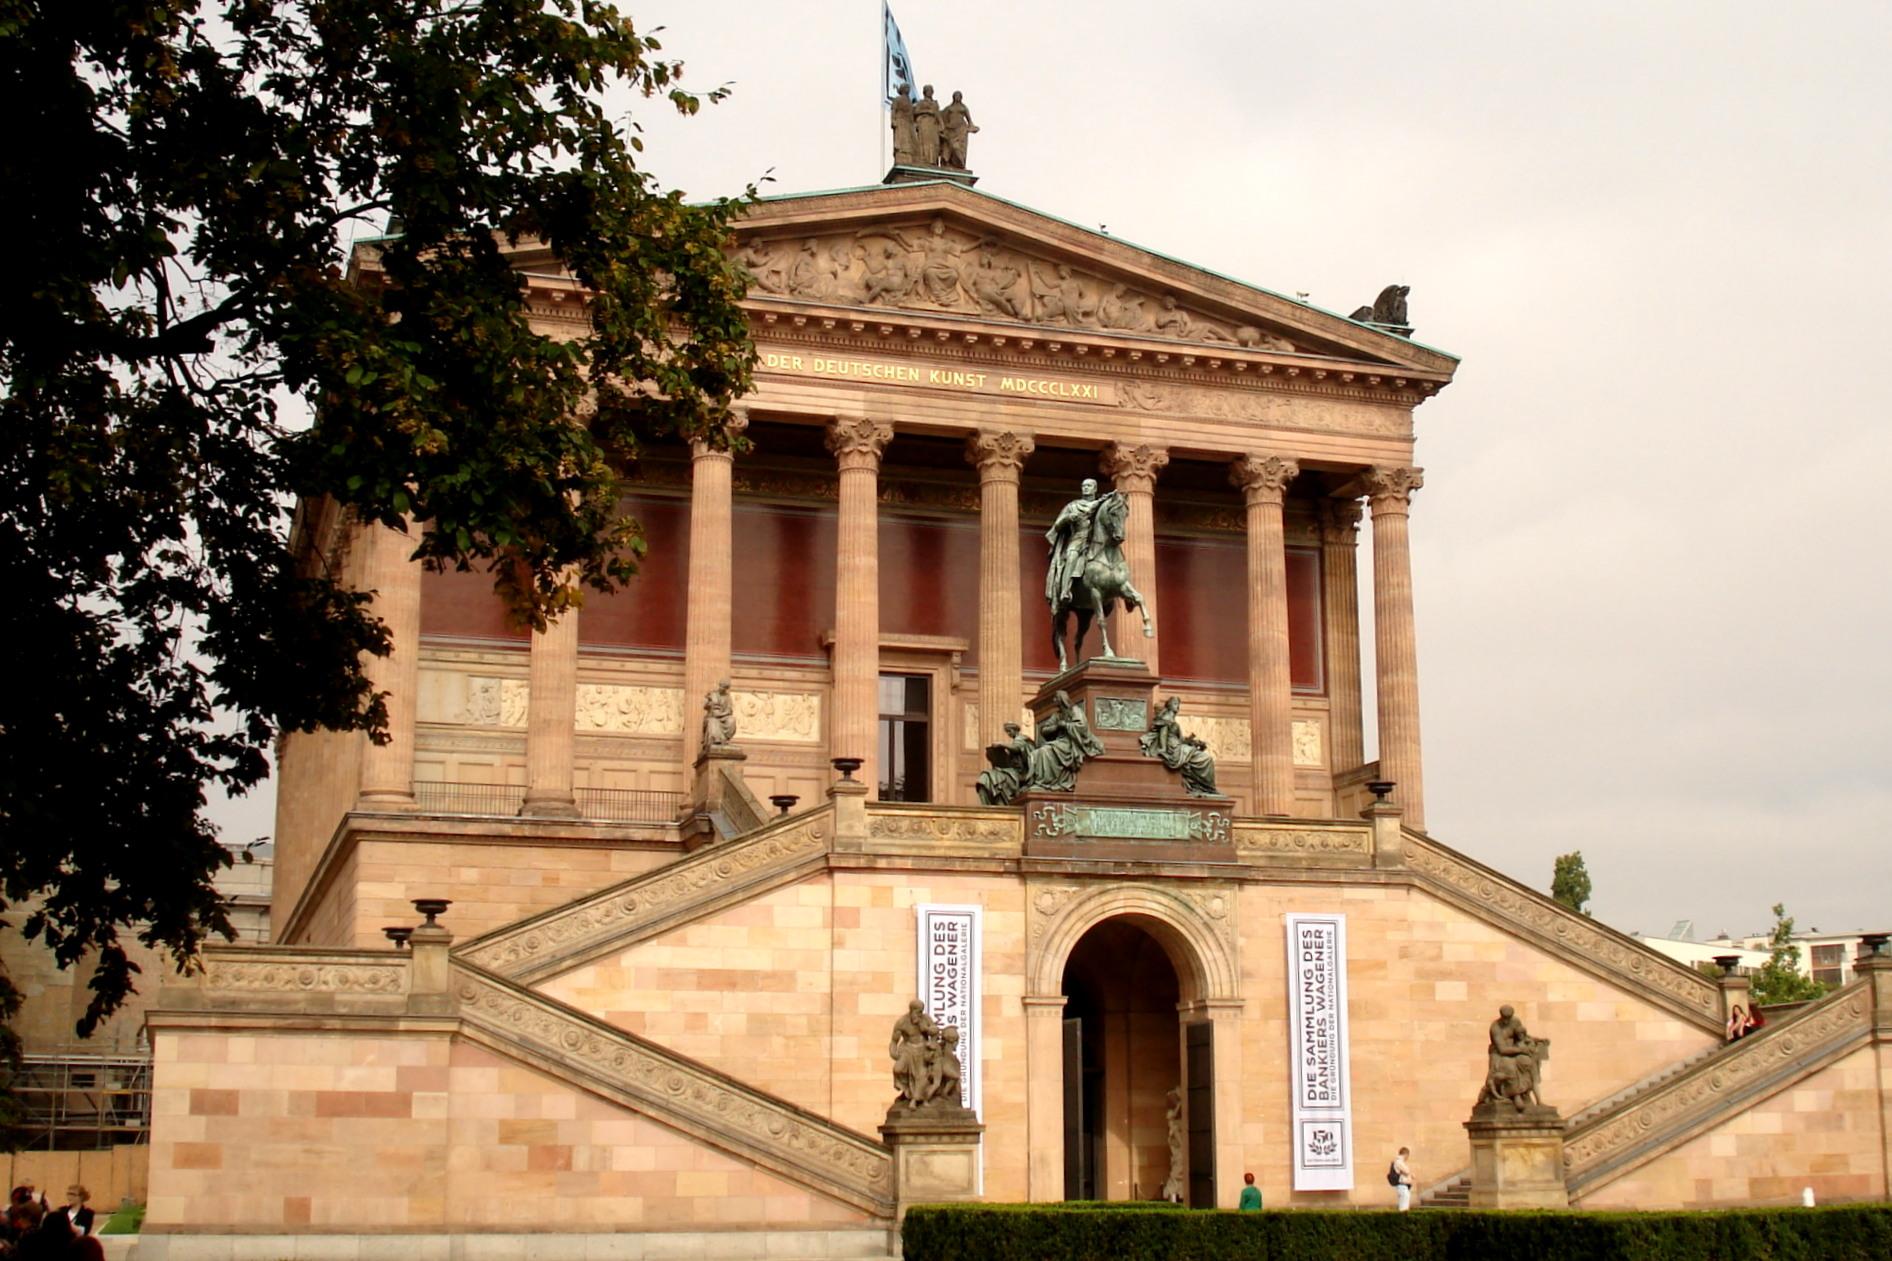 Alte Nationalgalerie à Berlin, l'île aux musées